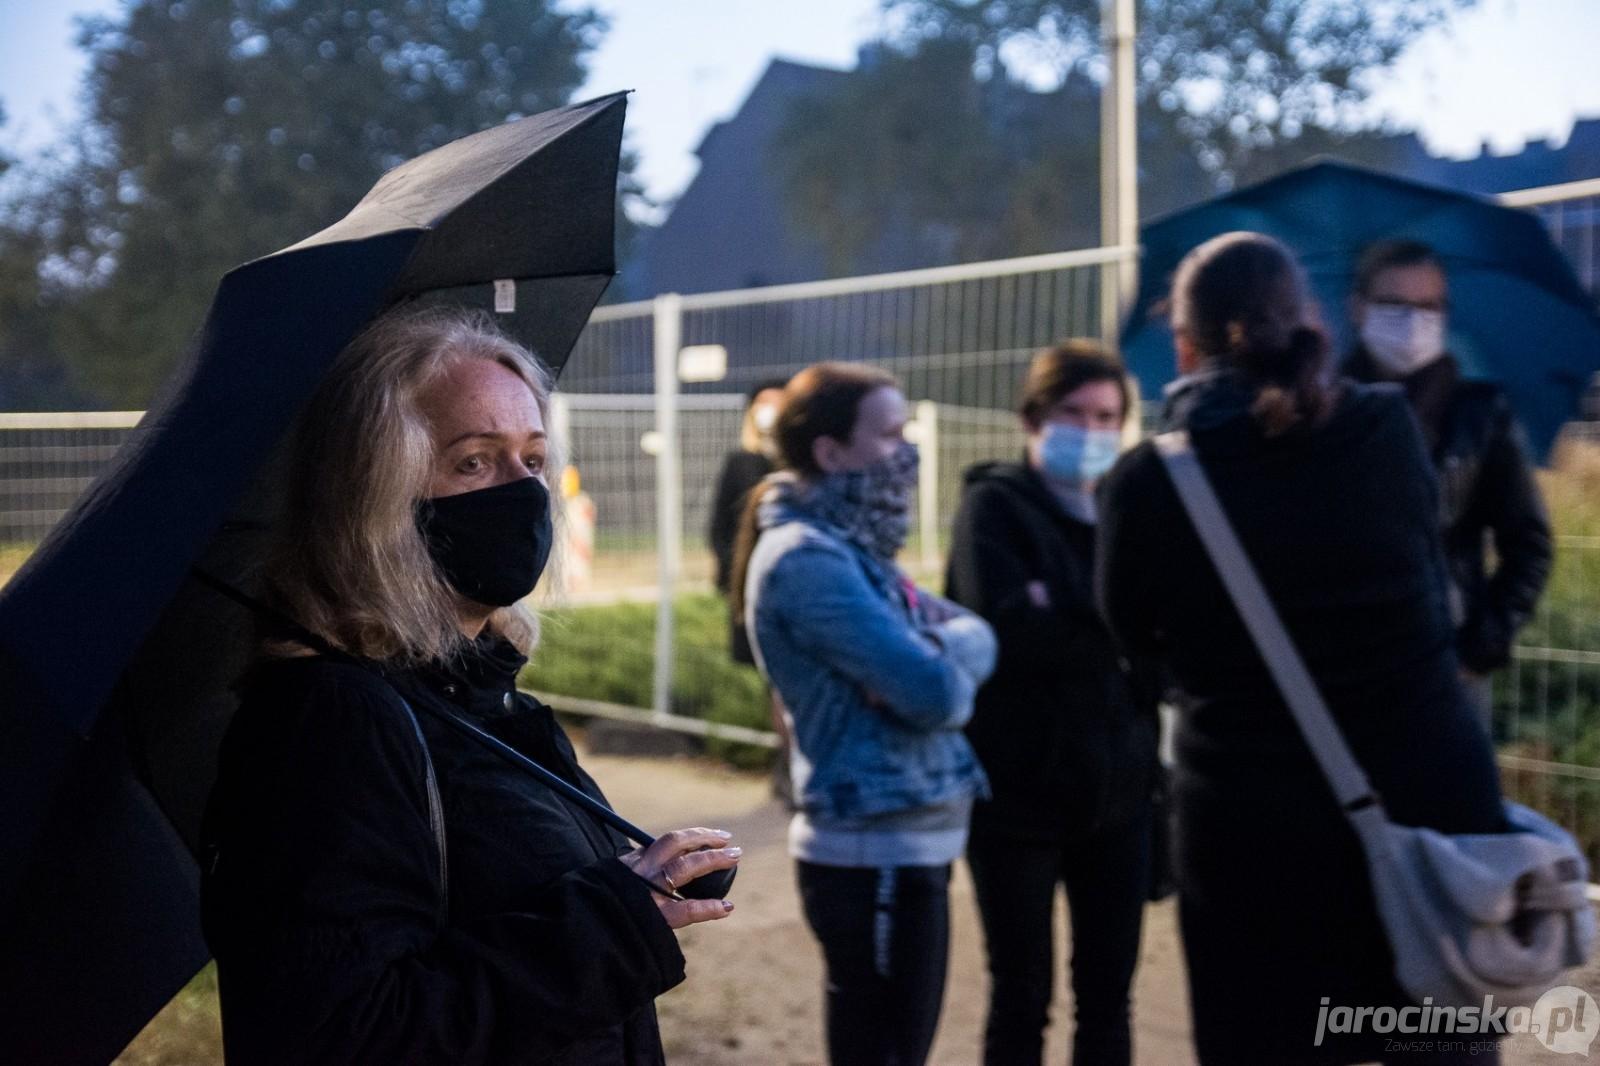 Jarocin. Spacer Kobiet. Protest przeciwko wyrokowi TK w sprawie aborcji  - Zdjęcie główne